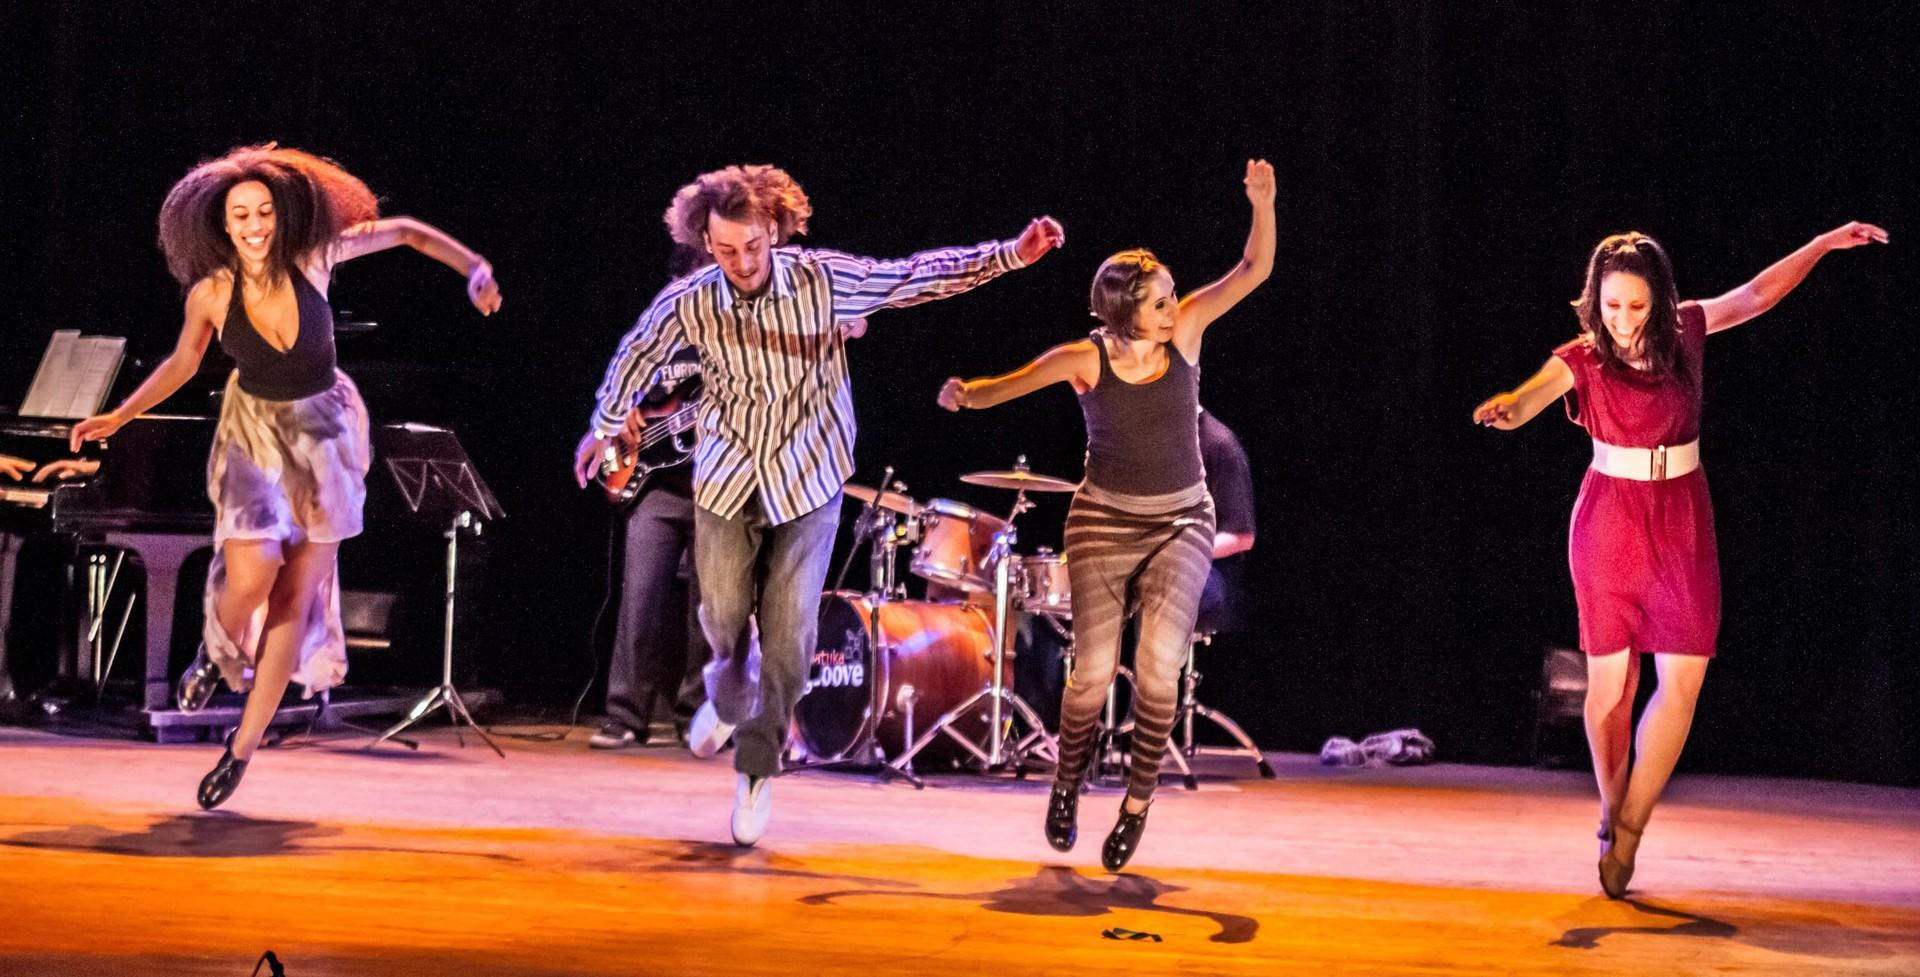 Noite de abertura será realizada no Teatro do CIC (Foto: Cristiano Prim/Divulgação)